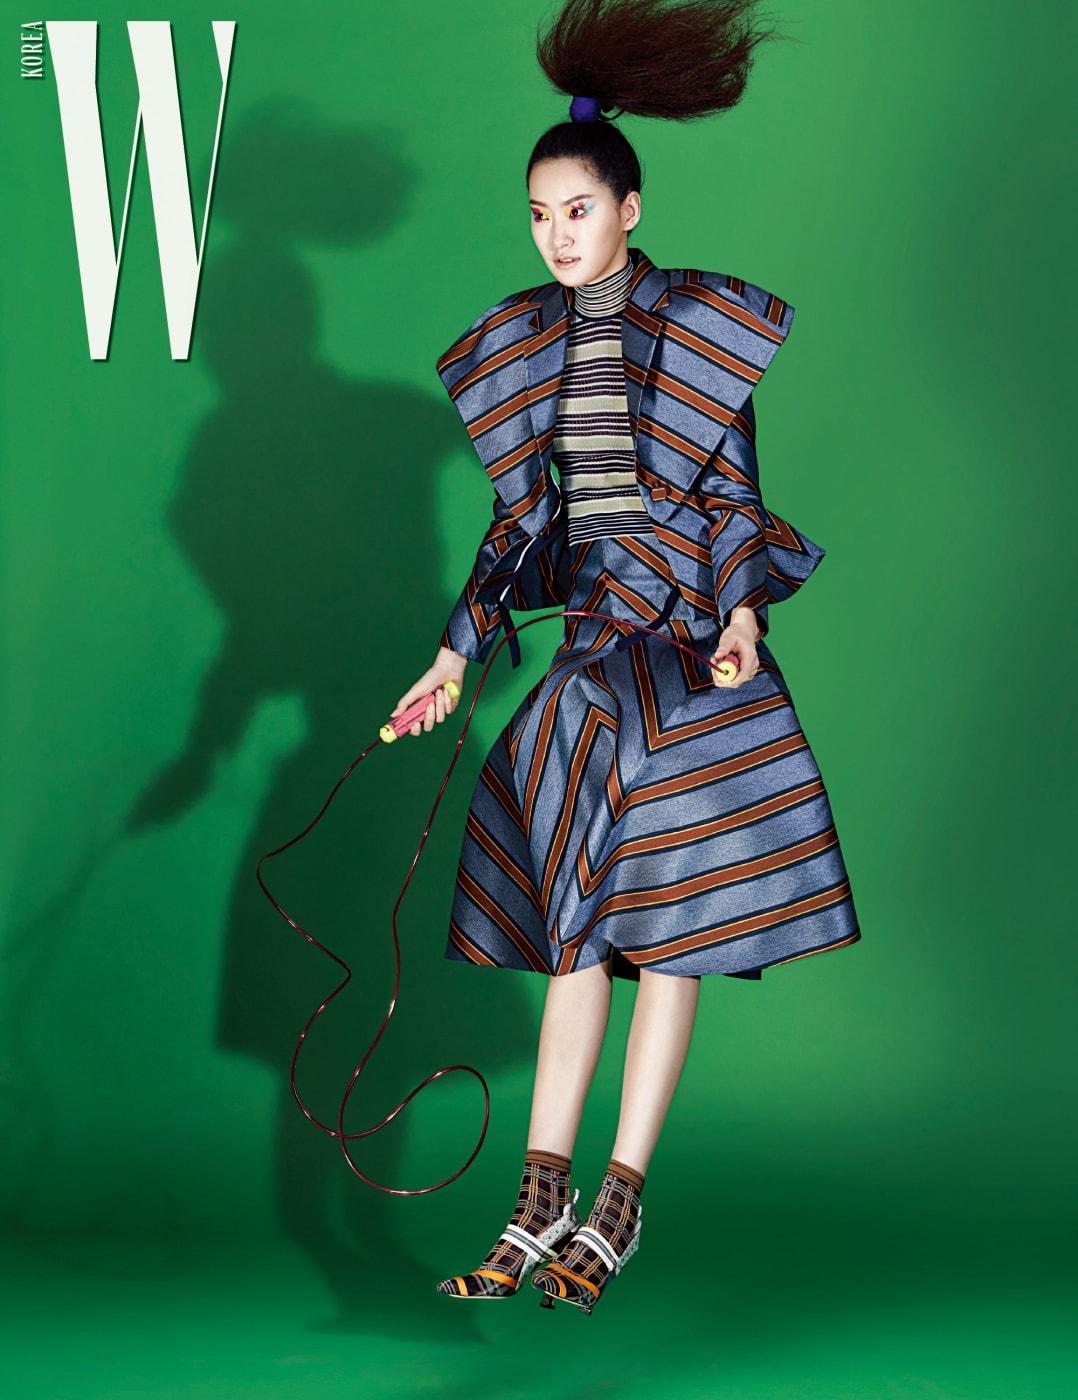 구조적인 어깨 라인이 특징인 줄무늬 재킷, 니트 톱, 풍성한 스커트, 체크무늬 양말과 스포티한 슈즈는 모두 Fendi 제품.